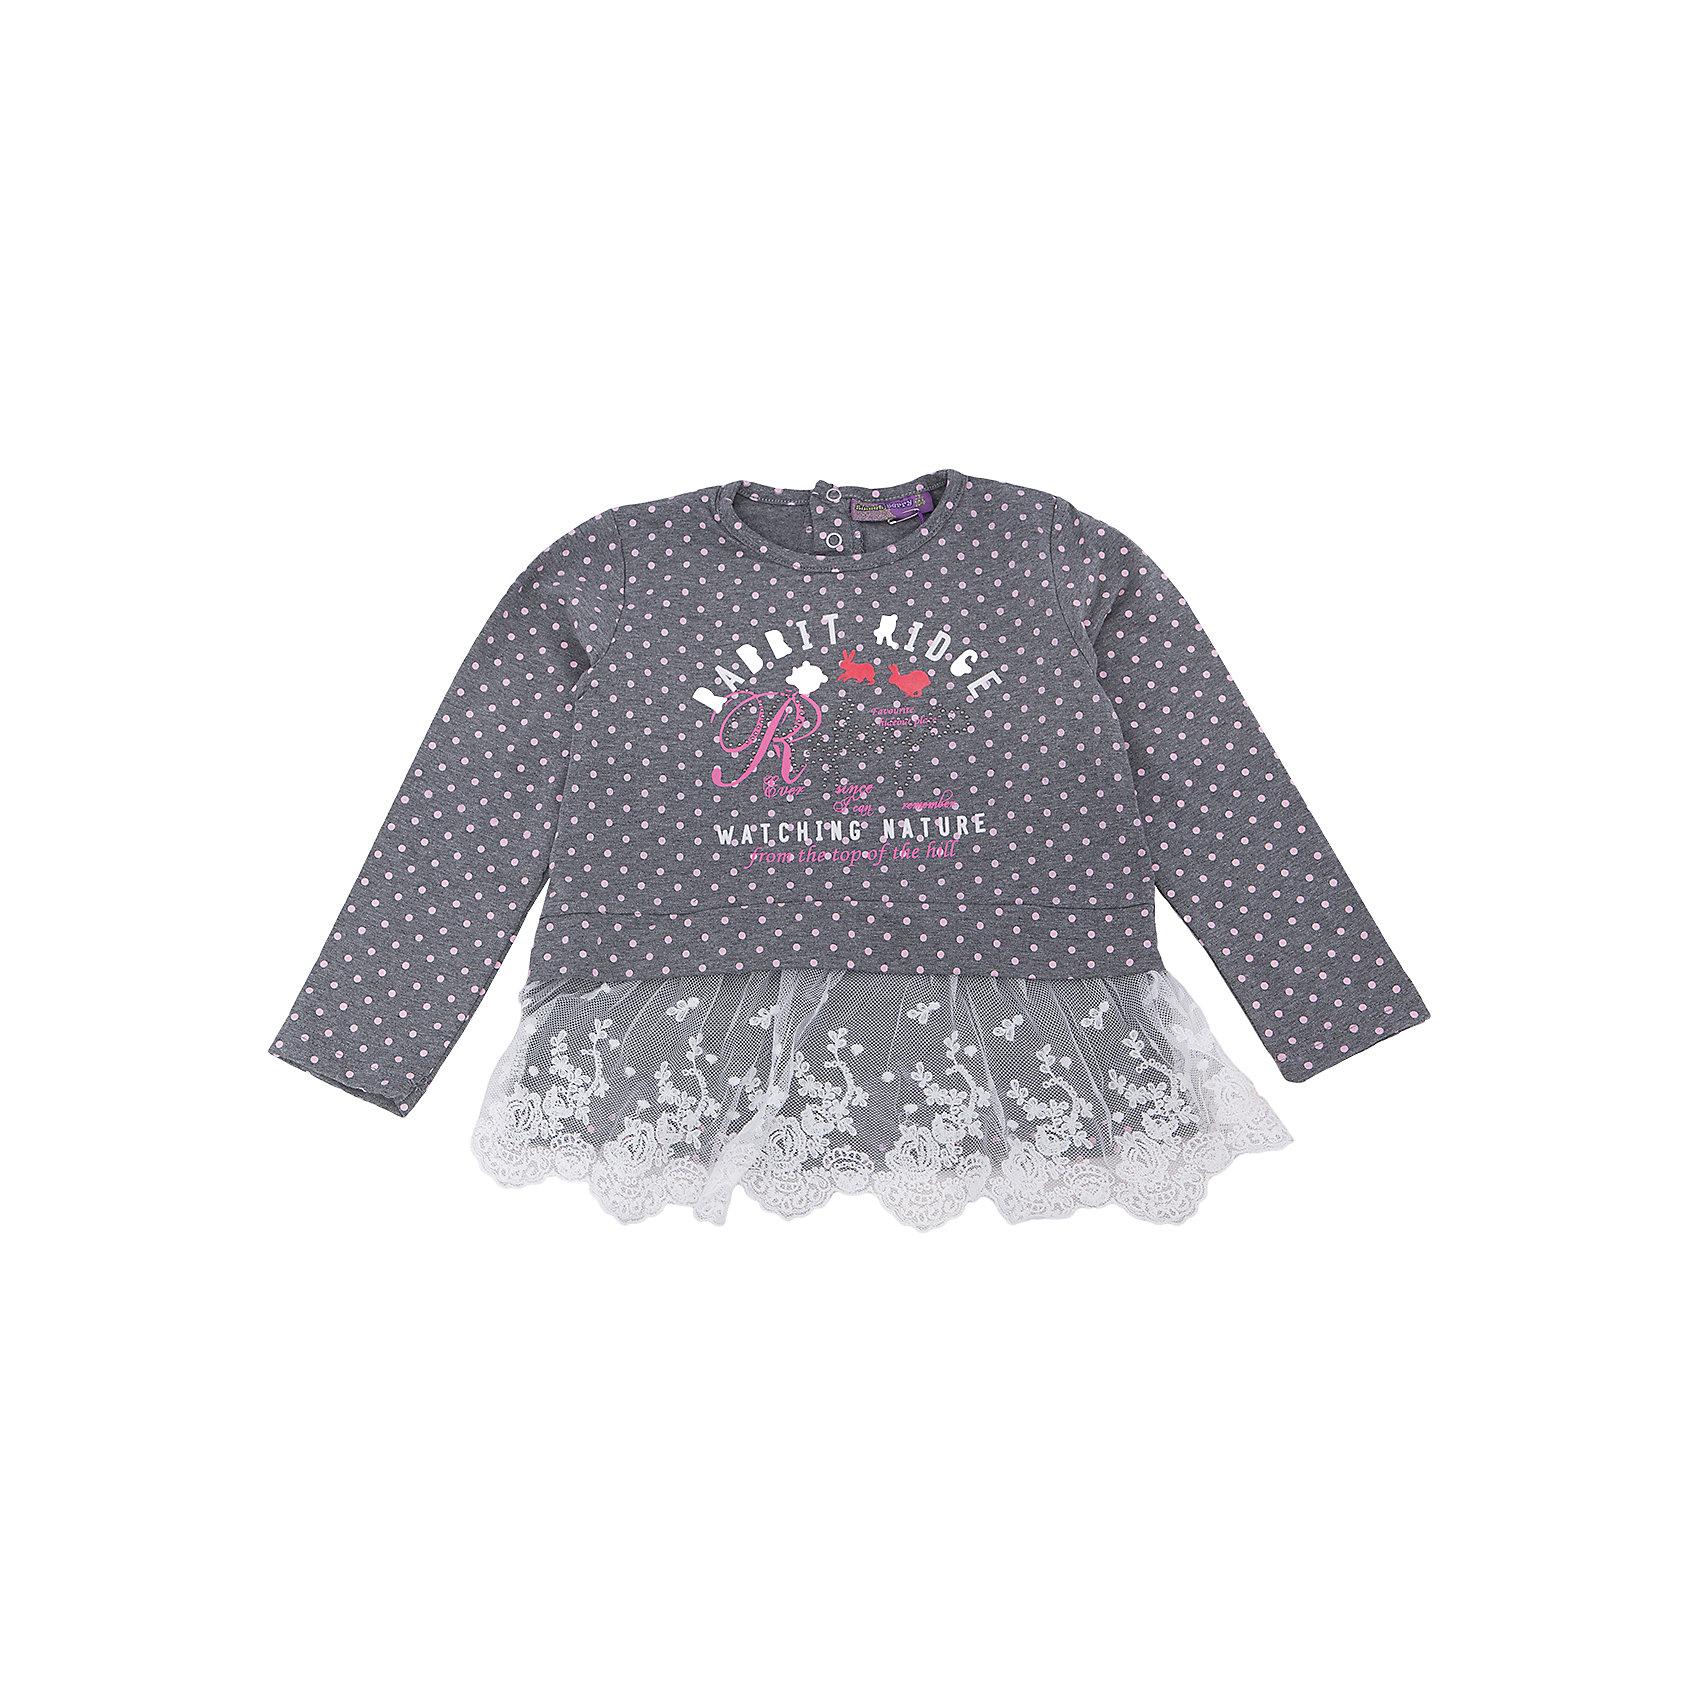 Футболка с длинным рукавом для девочки Sweet BerryФутболки с длинным рукавом<br>Комфорт и стиль – две главные составляющие детской одежды. Футболка с длинным рукавом – модная вещь, которая способна одновременно создать стильный образ и защитить от осенних холодов маленького ребенка. Уникальная особенность модели – интересная отделка кружевом контрастного цвета по низу футболки. С ним кофта выглядит нарядно и совсем не скучно. Универсальный крой поможет создать множество образов. Материалы, использованные при изготовлении одежды, полностью безопасны для детей и отвечают всем требованиям по качеству продукции данной категории.<br><br>Дополнительная информация:<br><br>модный принт;<br>кружевная отделка;<br>прямой силуэт;<br>цвет: темно-серый;<br>материал: хлопок 95%, эластан 5%.<br><br>Футболку с длинным рукавом для девочки от компании Sweet Berry можно приобрести в нашем магазине.<br><br>Ширина мм: 230<br>Глубина мм: 40<br>Высота мм: 220<br>Вес г: 250<br>Цвет: серый<br>Возраст от месяцев: 48<br>Возраст до месяцев: 60<br>Пол: Женский<br>Возраст: Детский<br>Размер: 98,104,116,110,122,128<br>SKU: 4931890